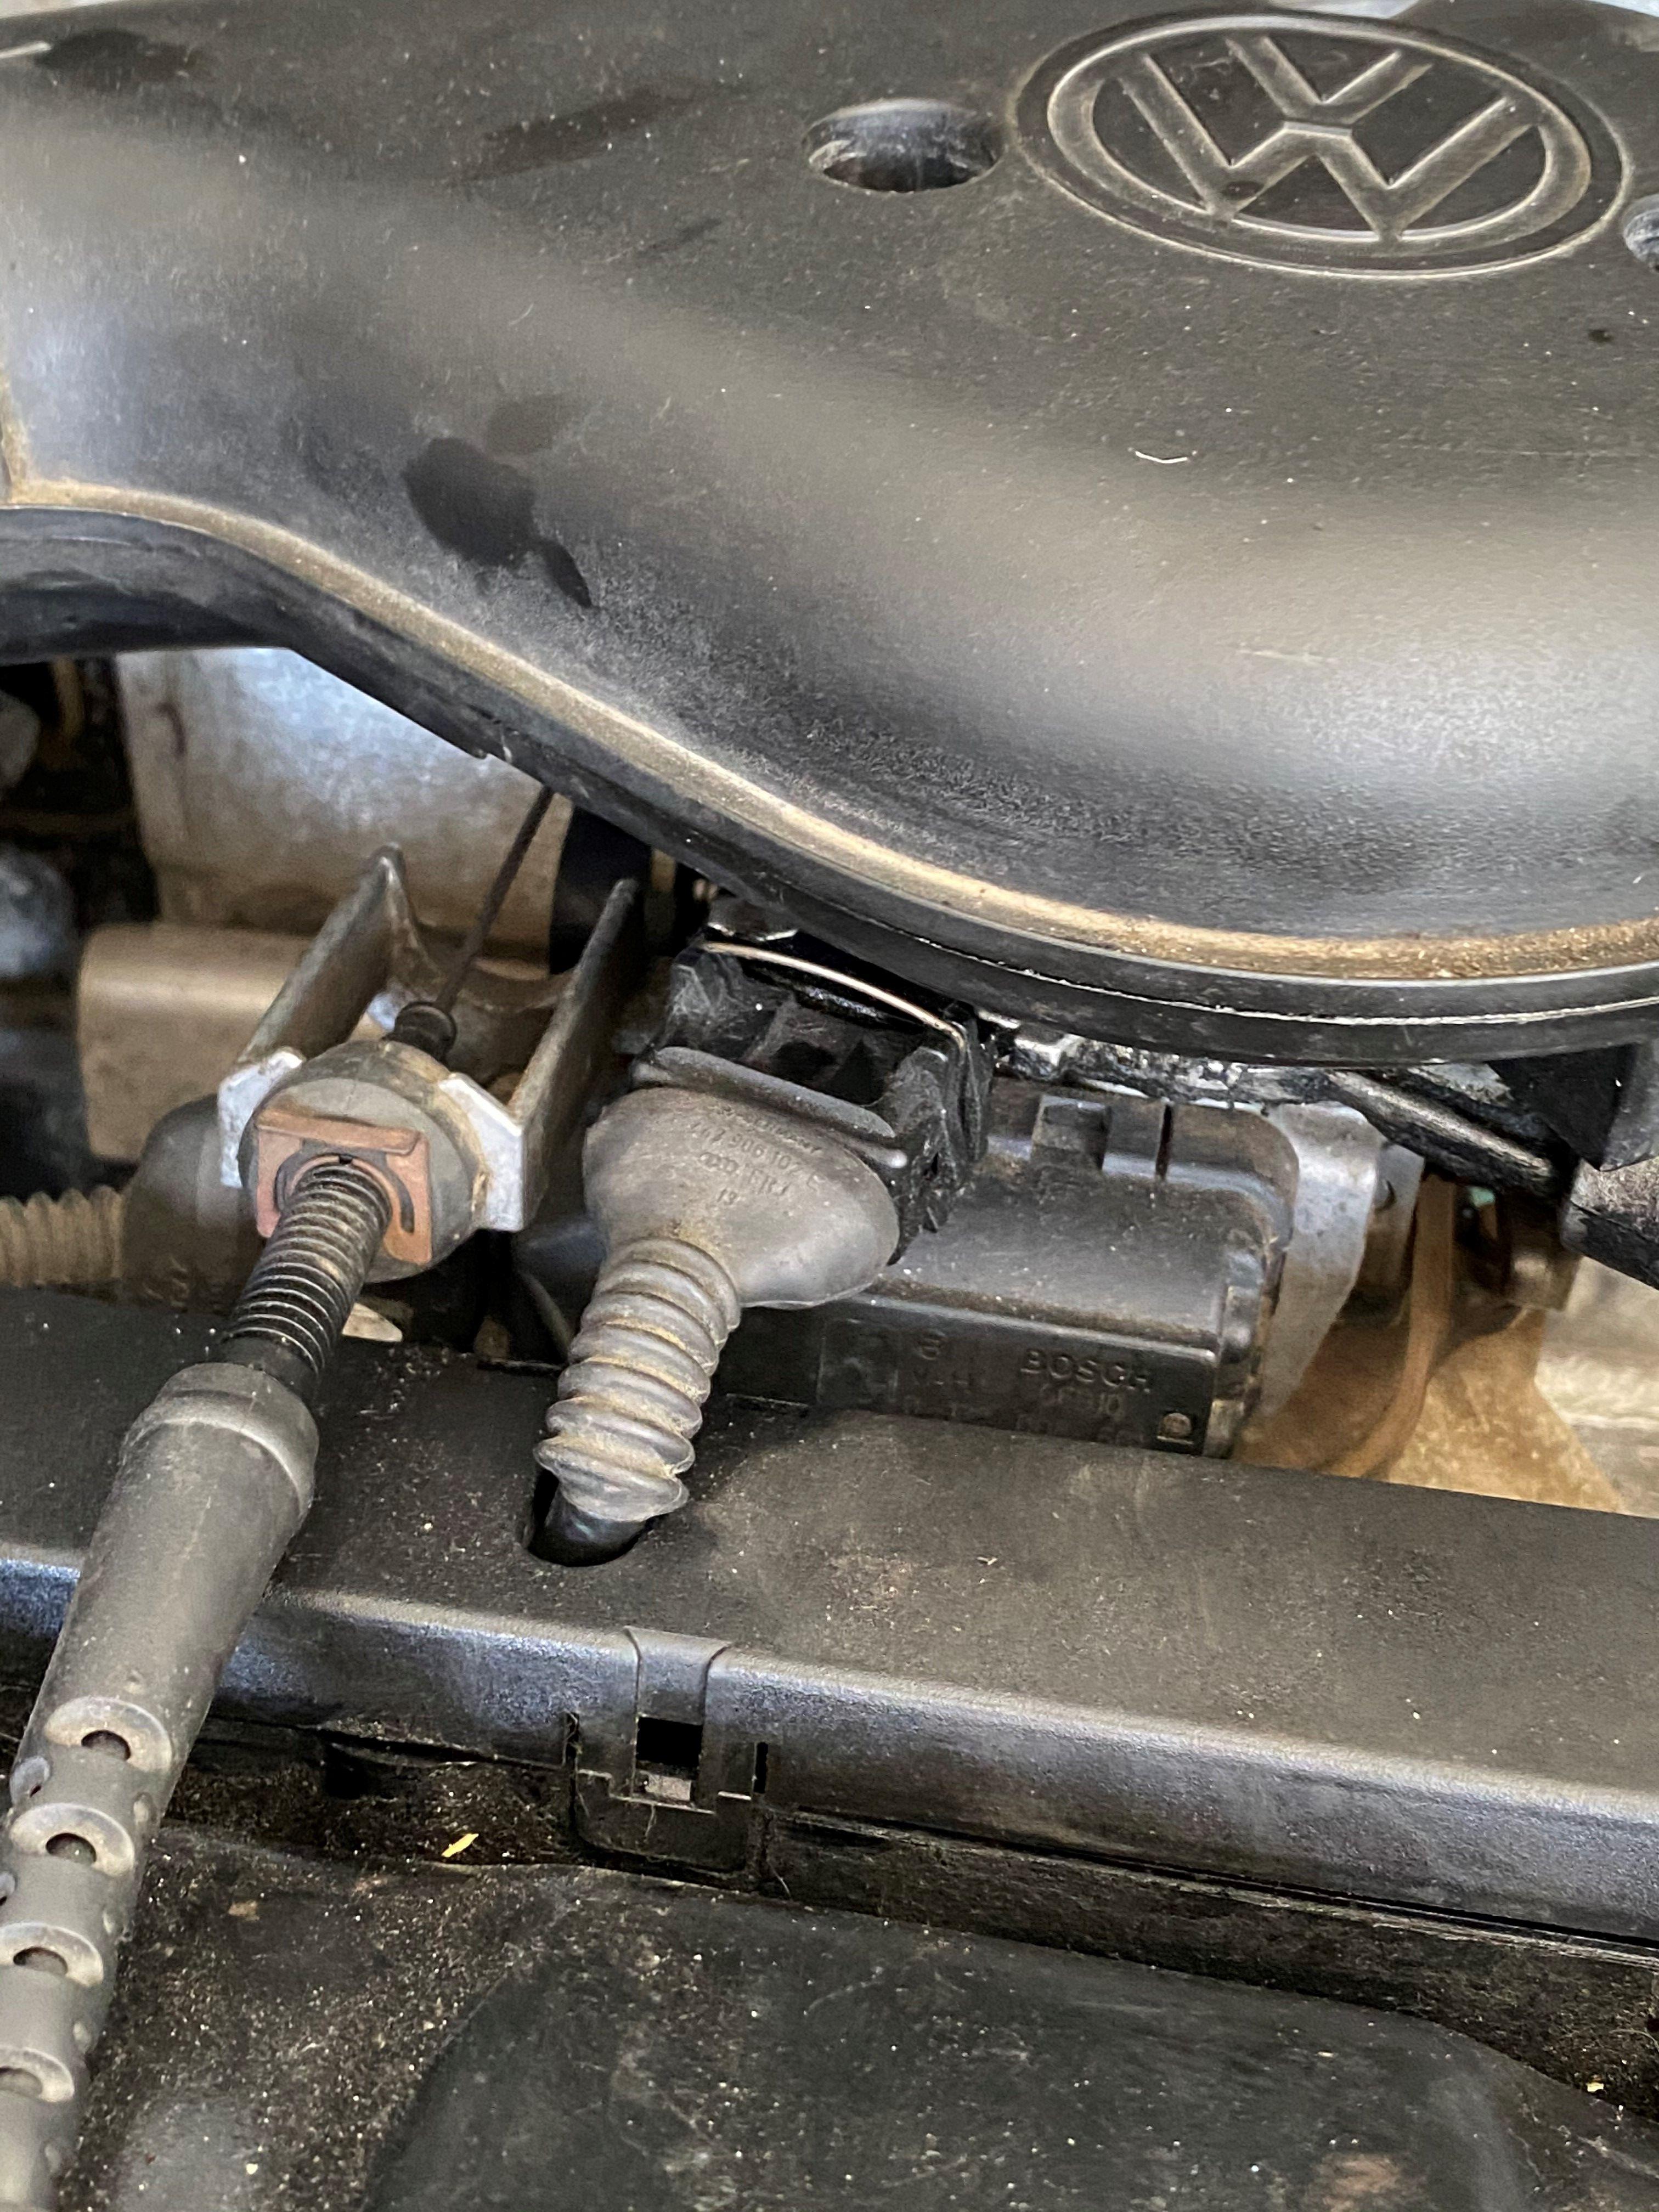 [ Volkswagen Golf III 1.8 90cv an 1996 ] Problème enclenchement ventilateur refroidissement (Résolu) Dukoh7